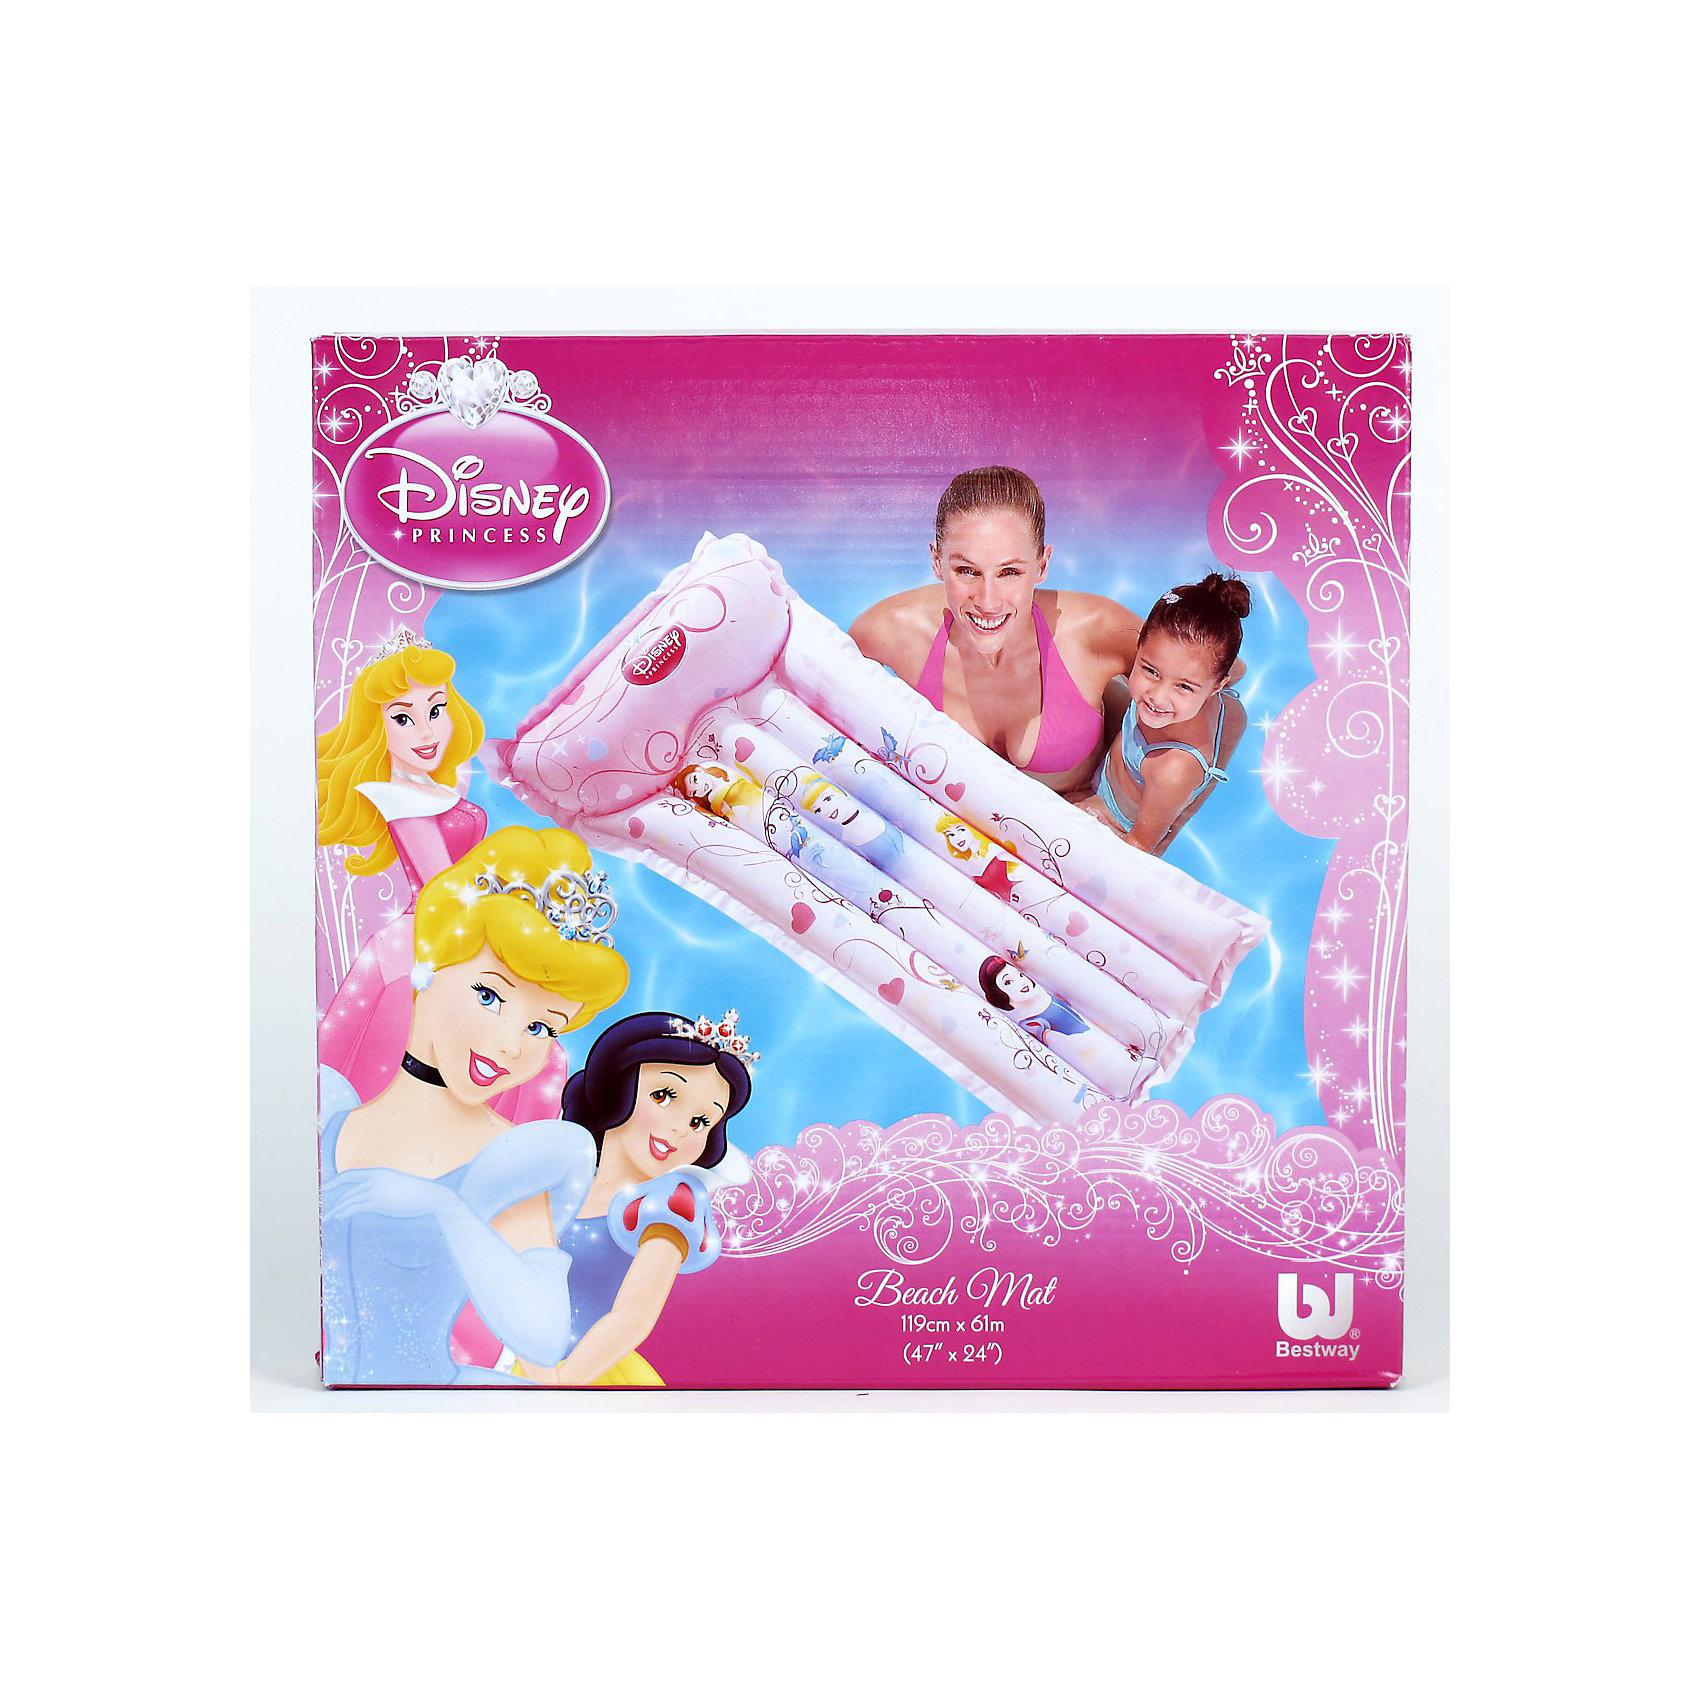 Bestway Надувной пляжный матрас 119х61см, Принцессы Дисней bestway надувной пляжный матрас 119х61см принцессы дисней